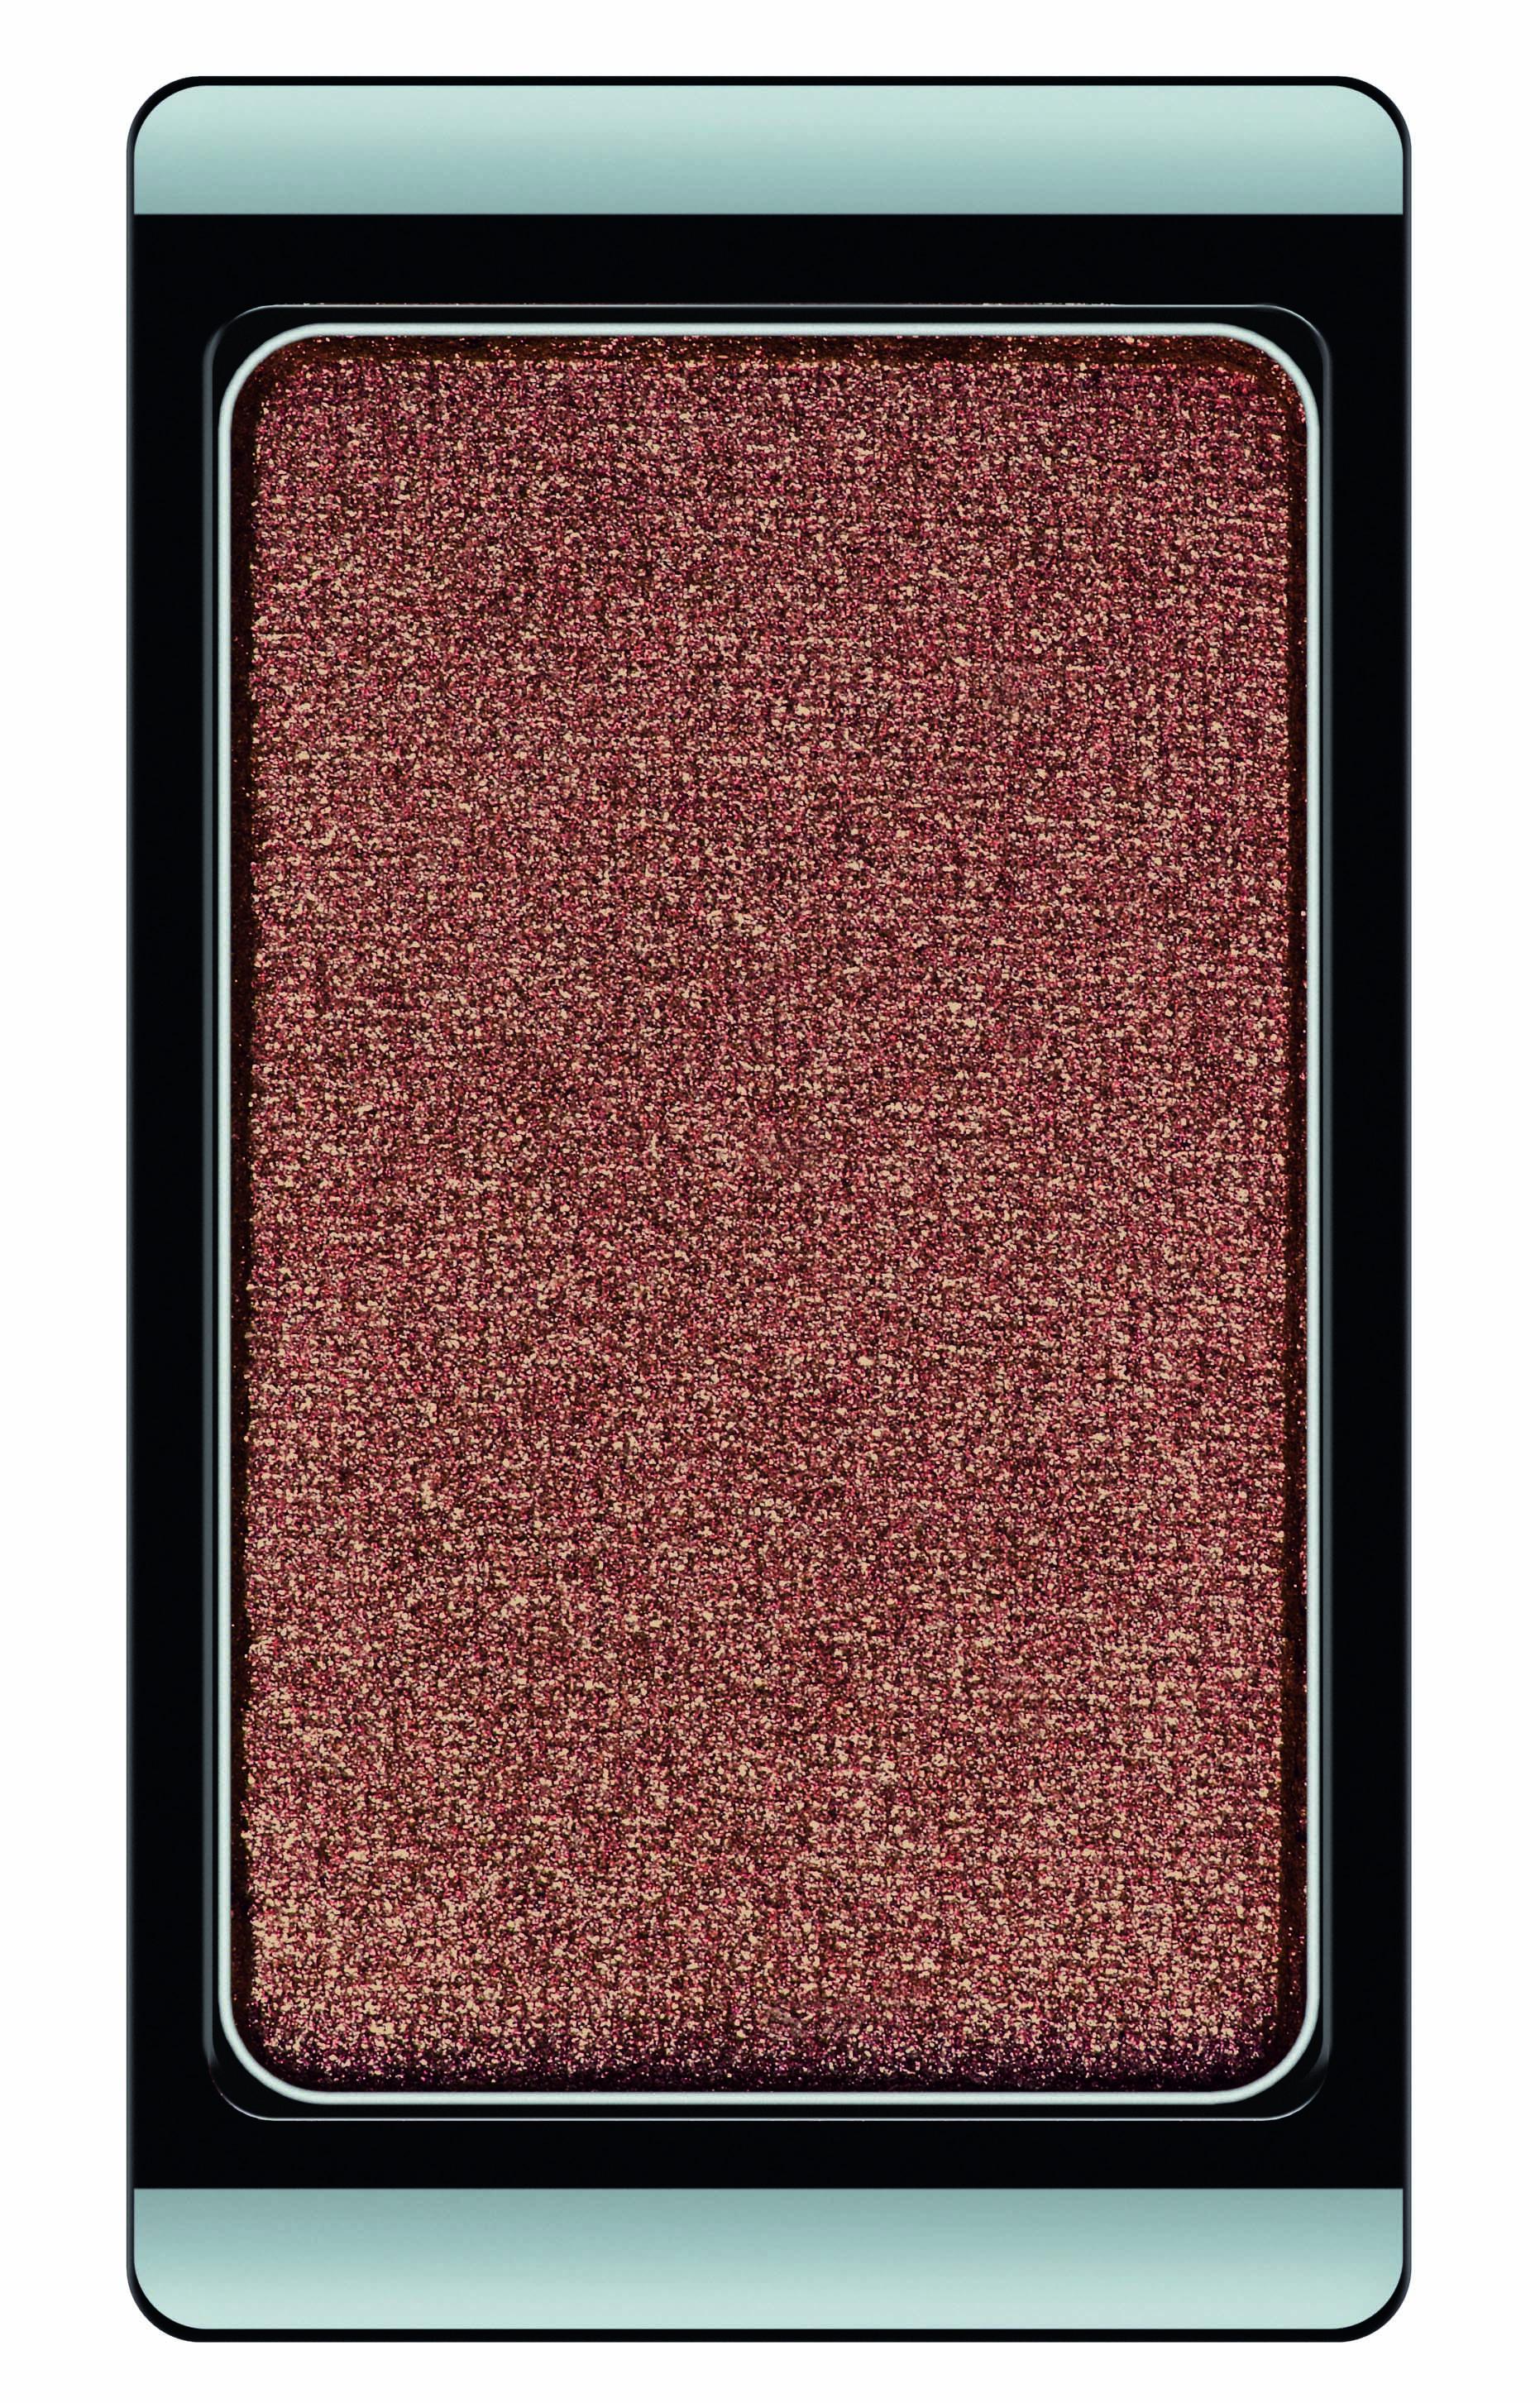 Artdeco тени для век перламутровые 168 0,8 гM9005600Тени для век с жемчужным свечением, эффектно подчеркивают выразительность взгляда, глубину и красоту ваших глаз!